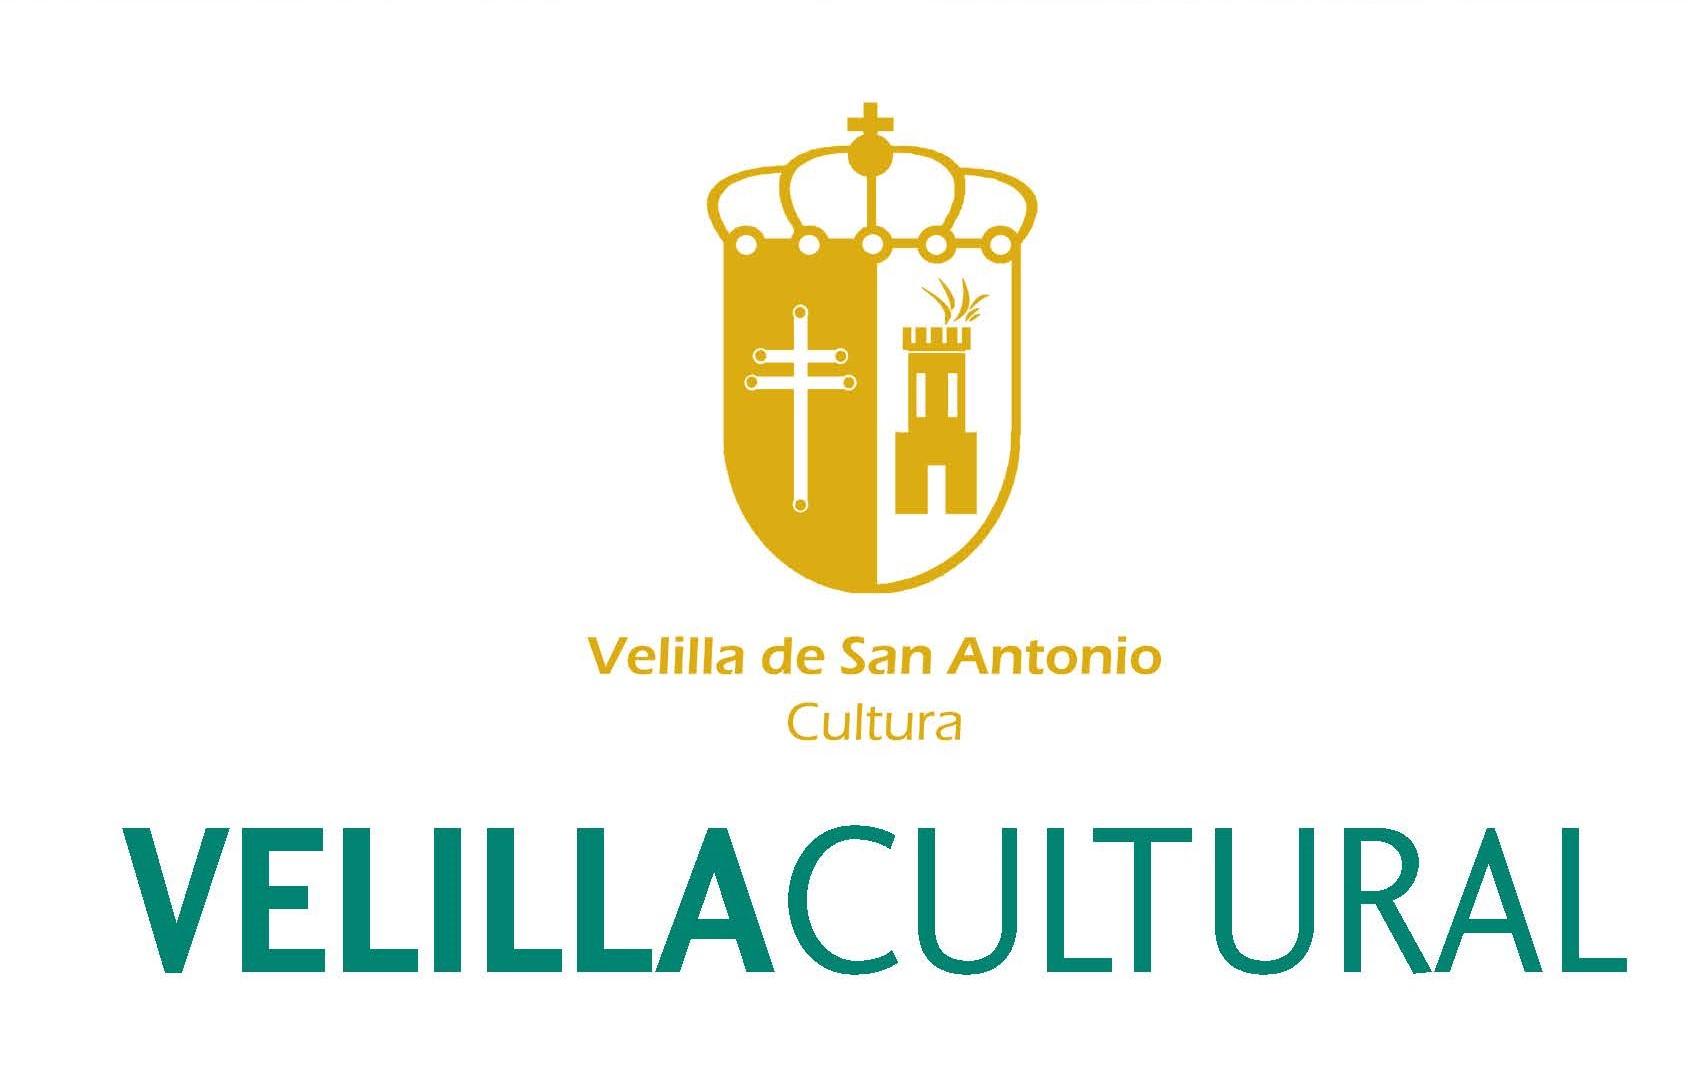 La concejalía de Educación y Cultura presenta un resumen de las actividades y programación del nuevo curso